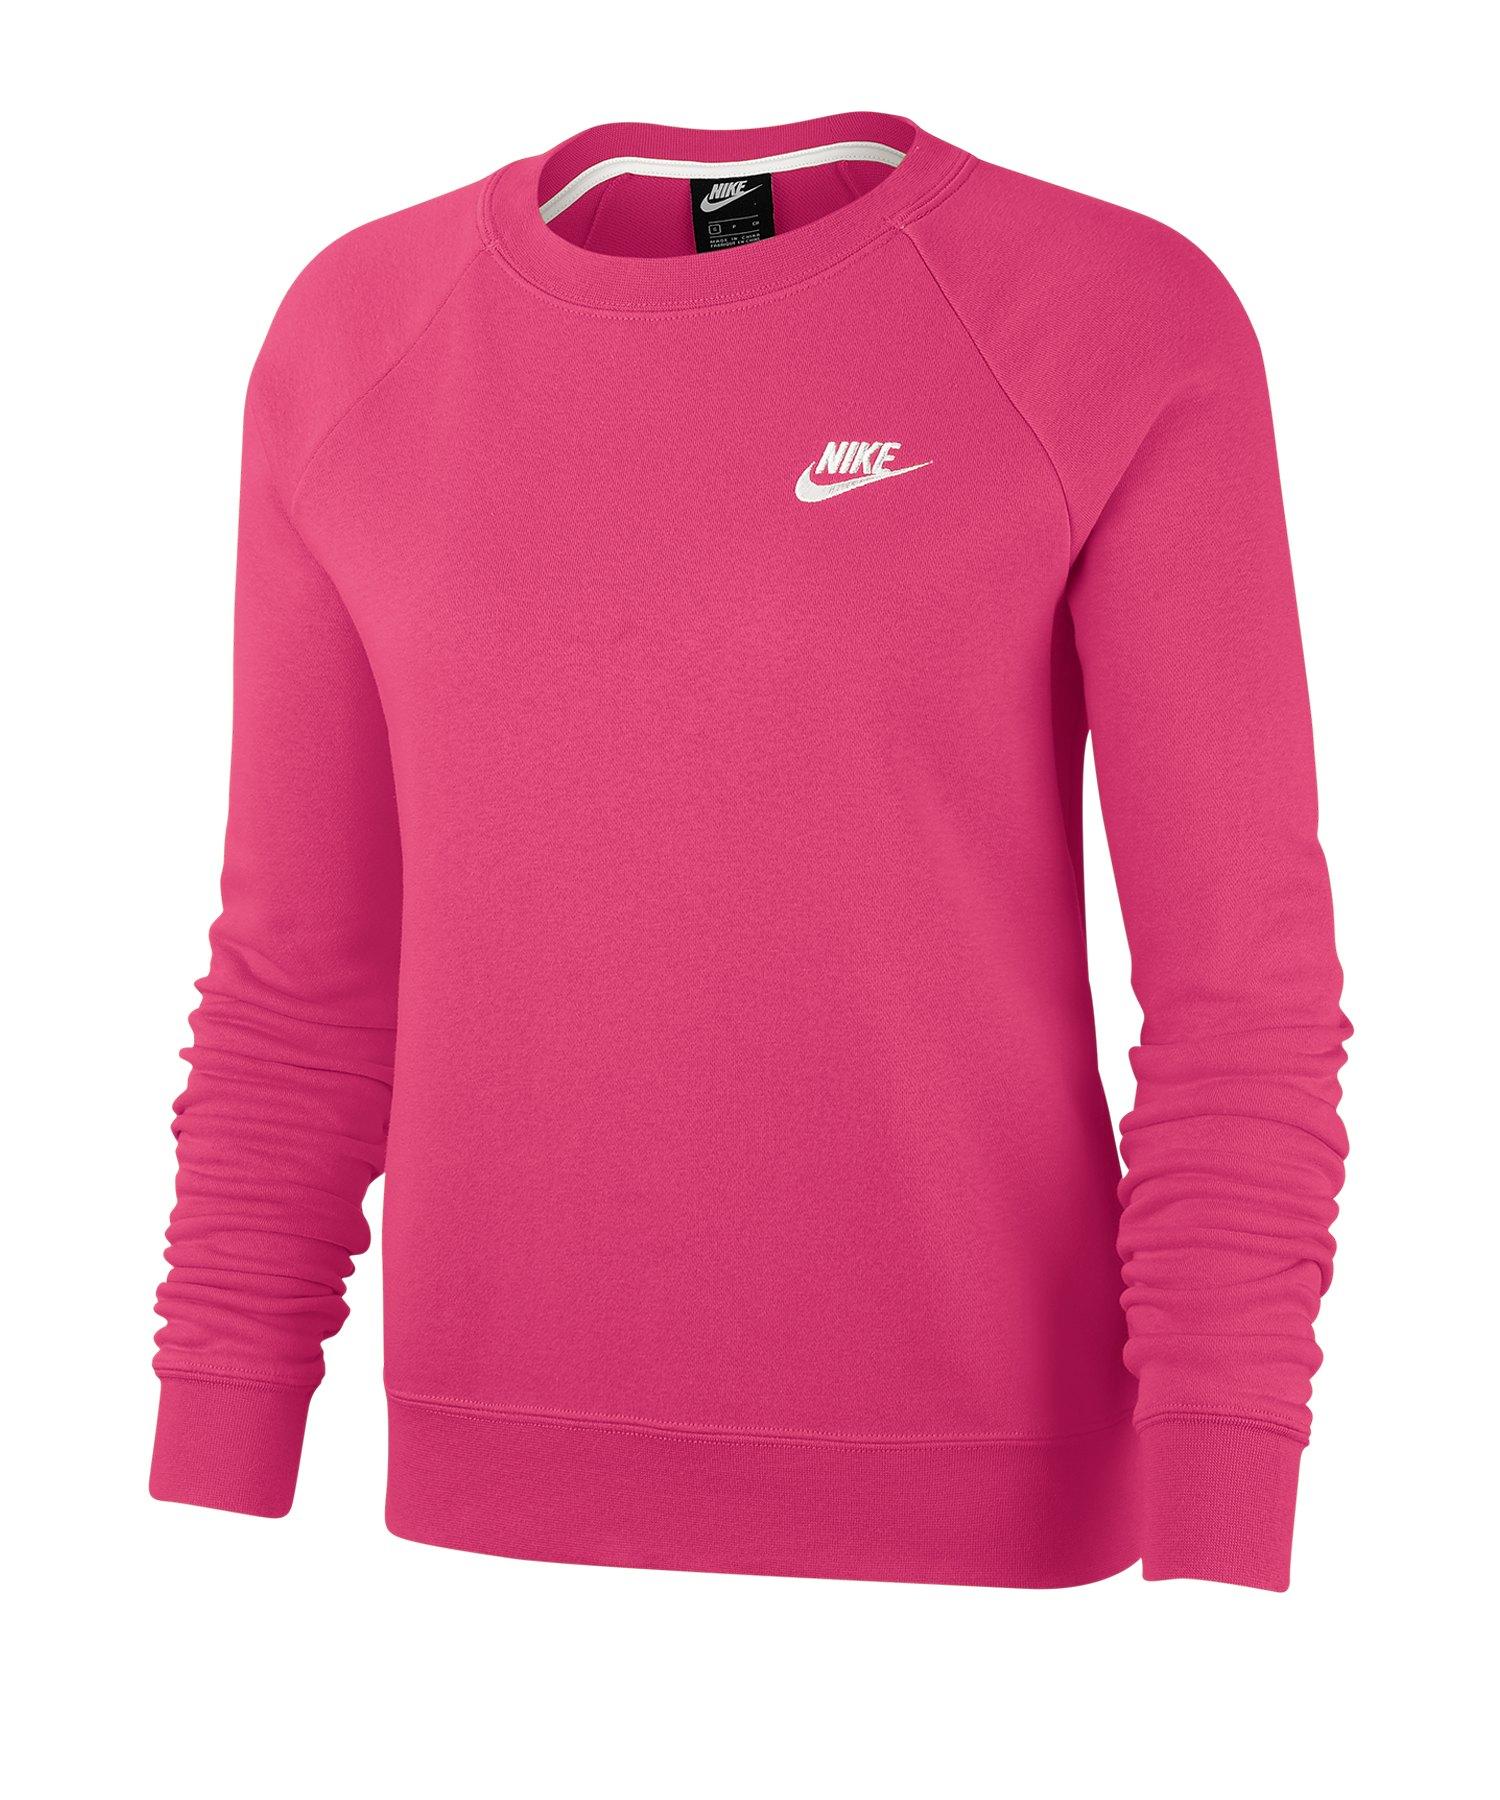 Details zu Nike Sportswear Essential Damen Sweatshirt BV4110 010